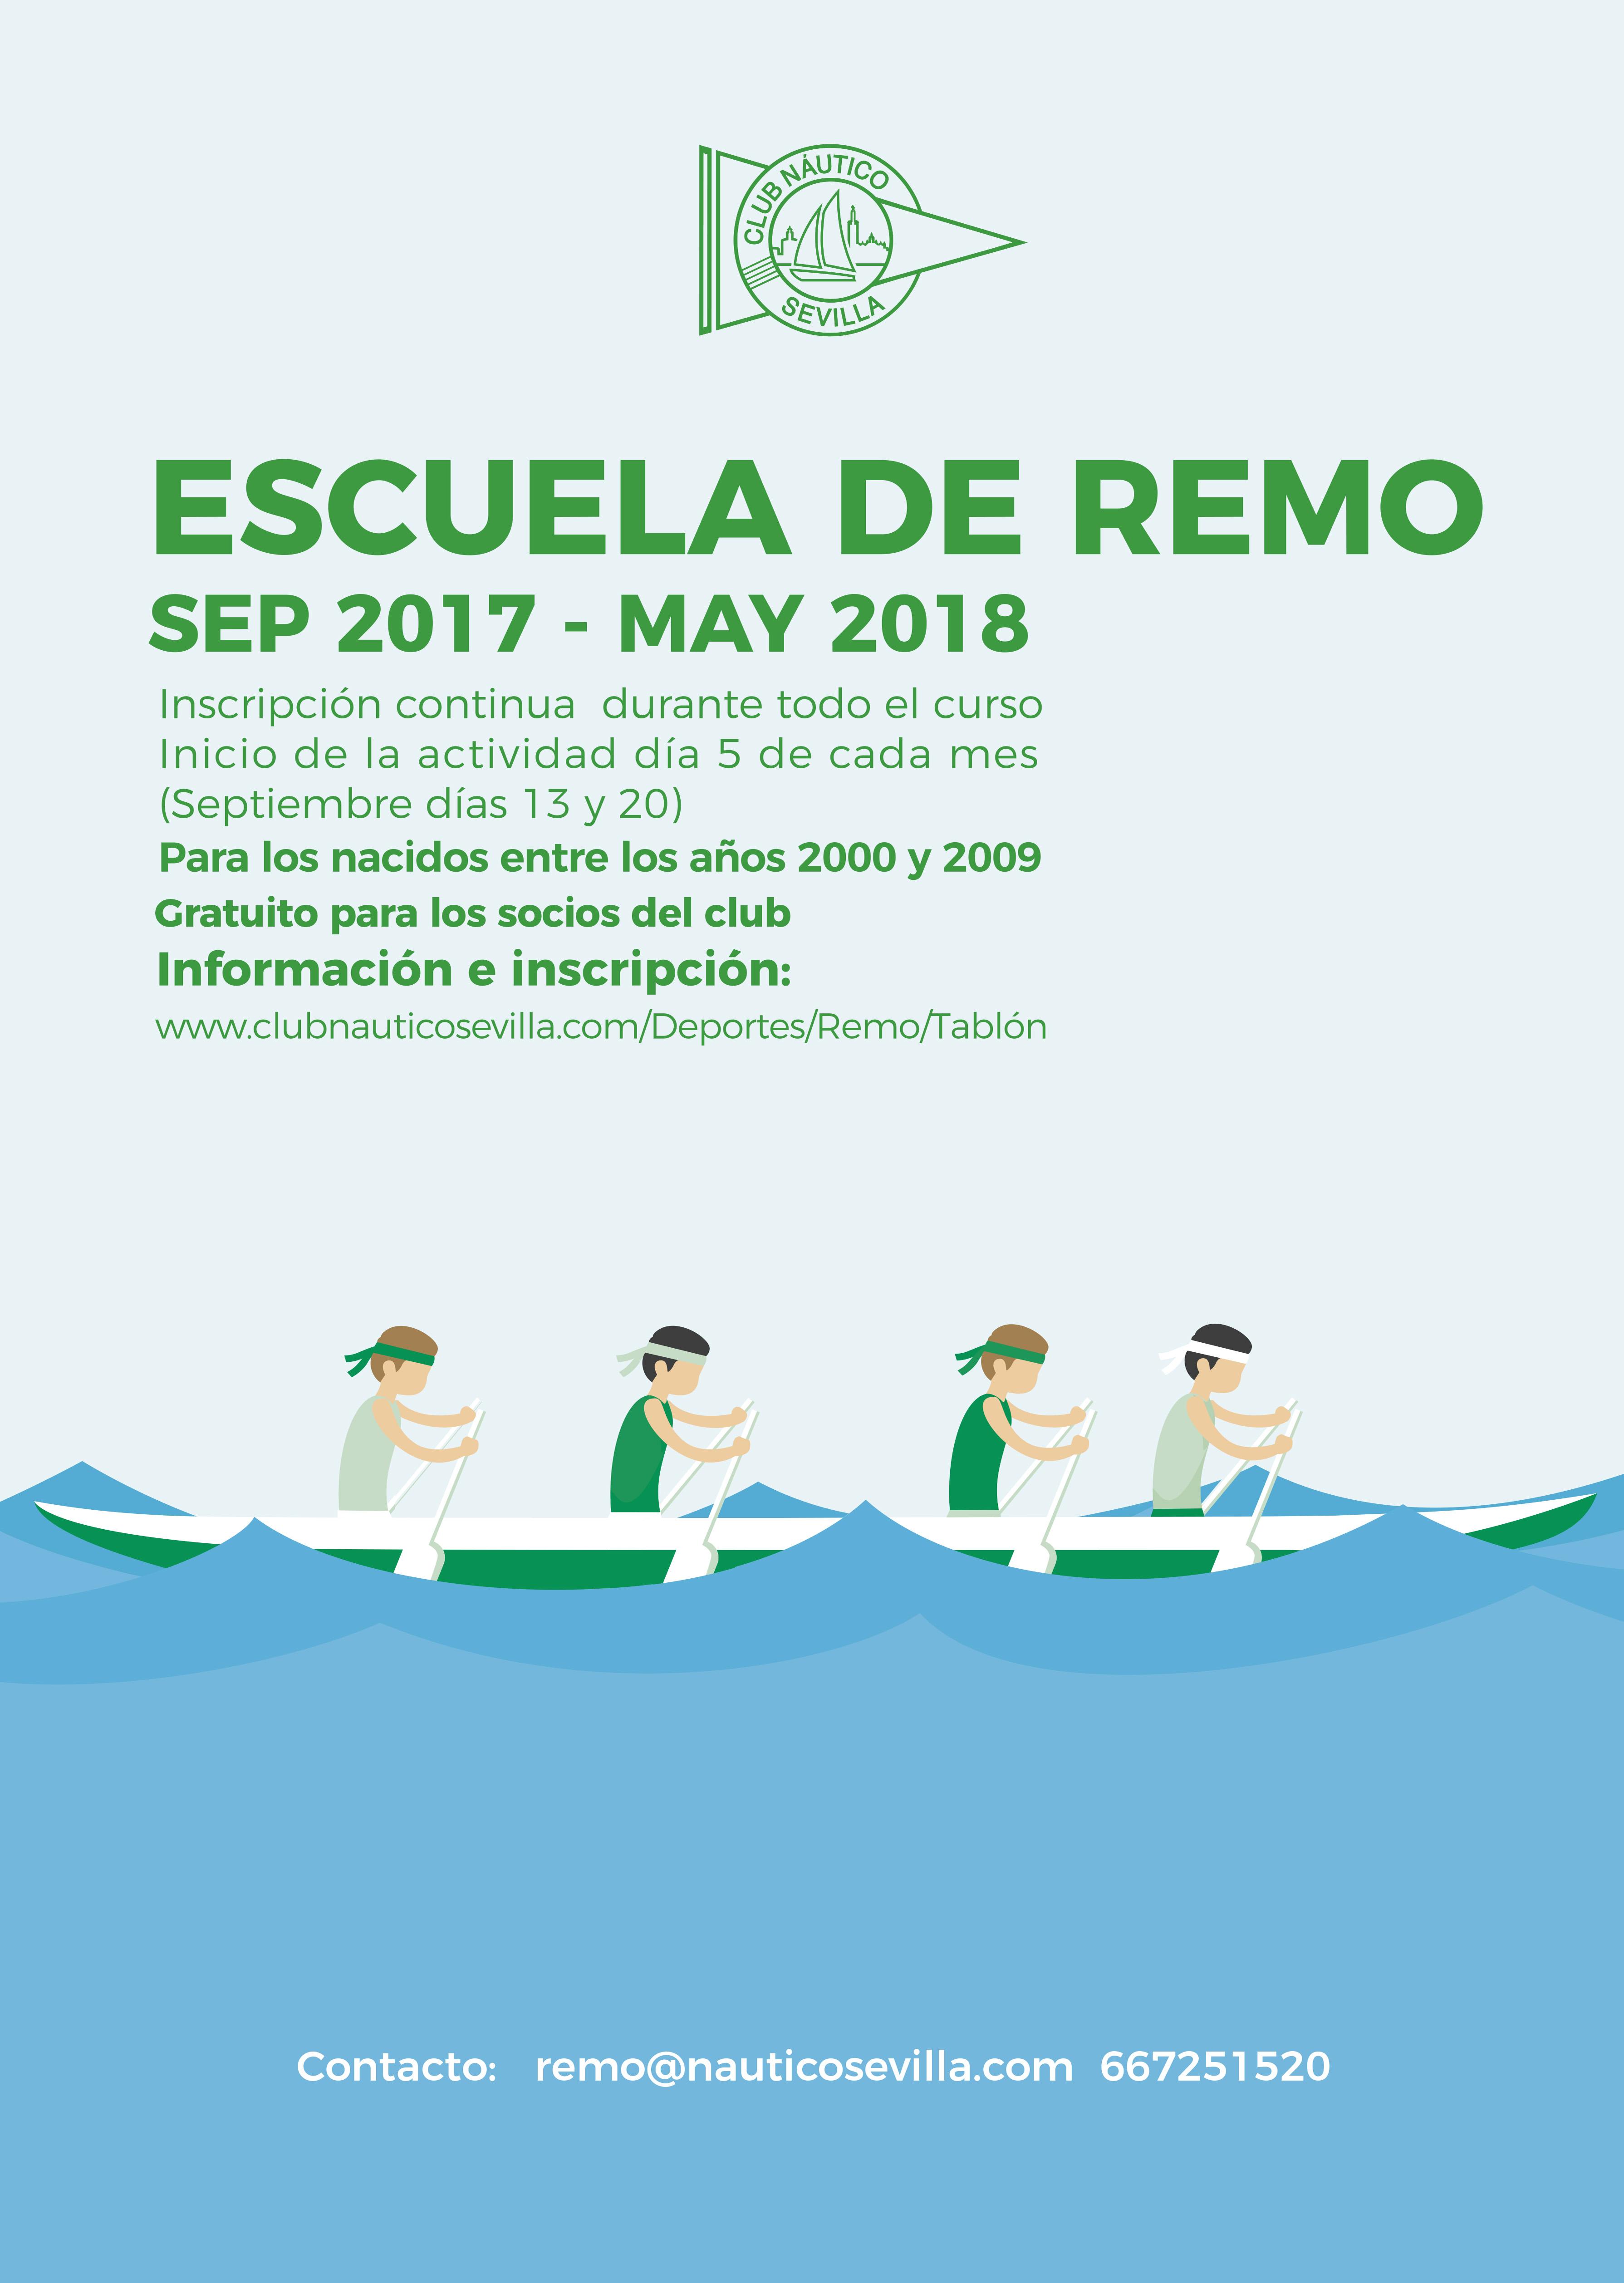 Escuela de remo 2017 2018 del club n utico sevilla club - Socios del sevilla 2017 ...